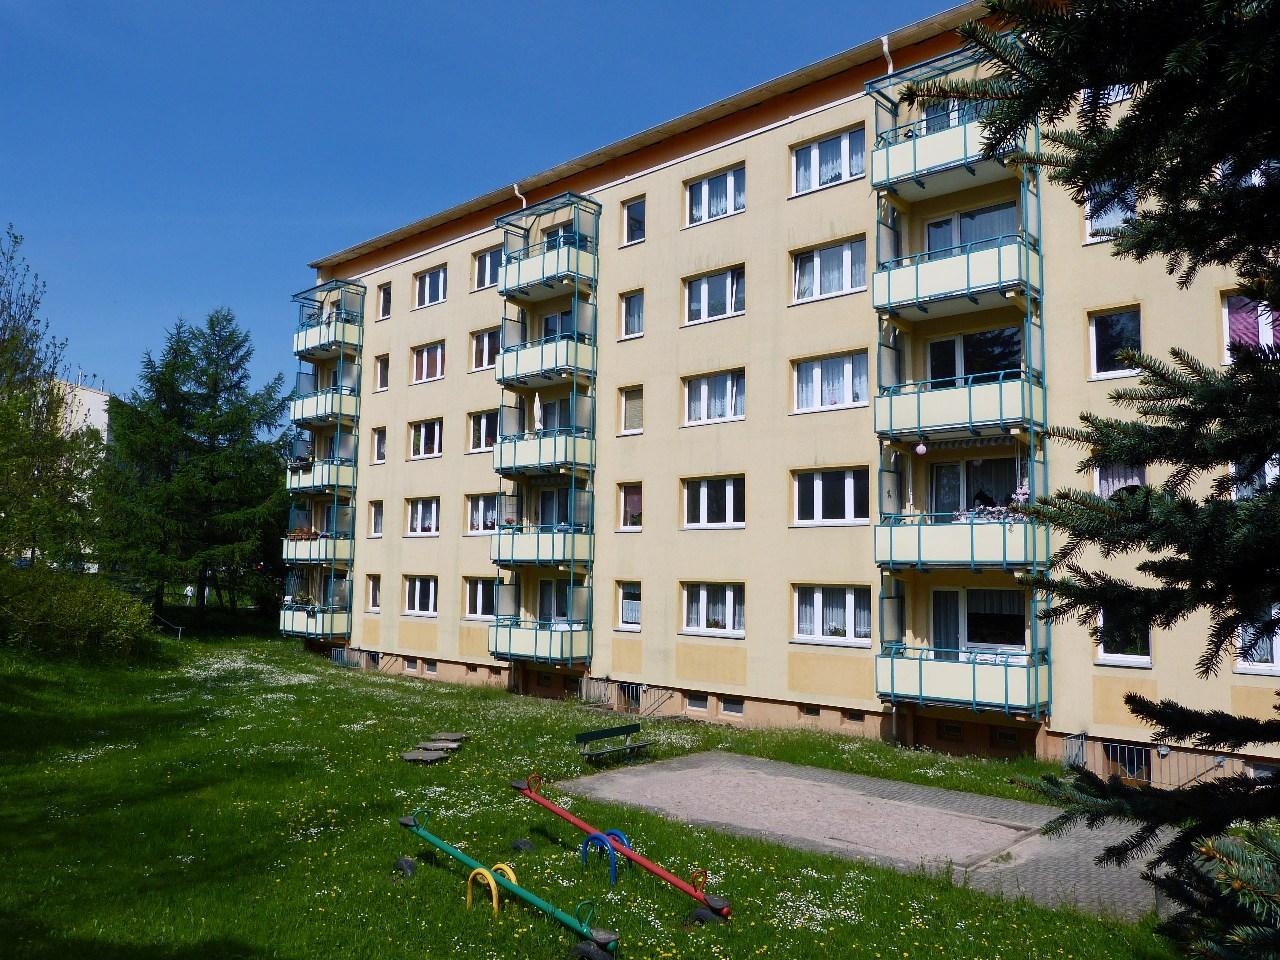 sanierte 3-Raum-Wohnung in Klinikumsnähe